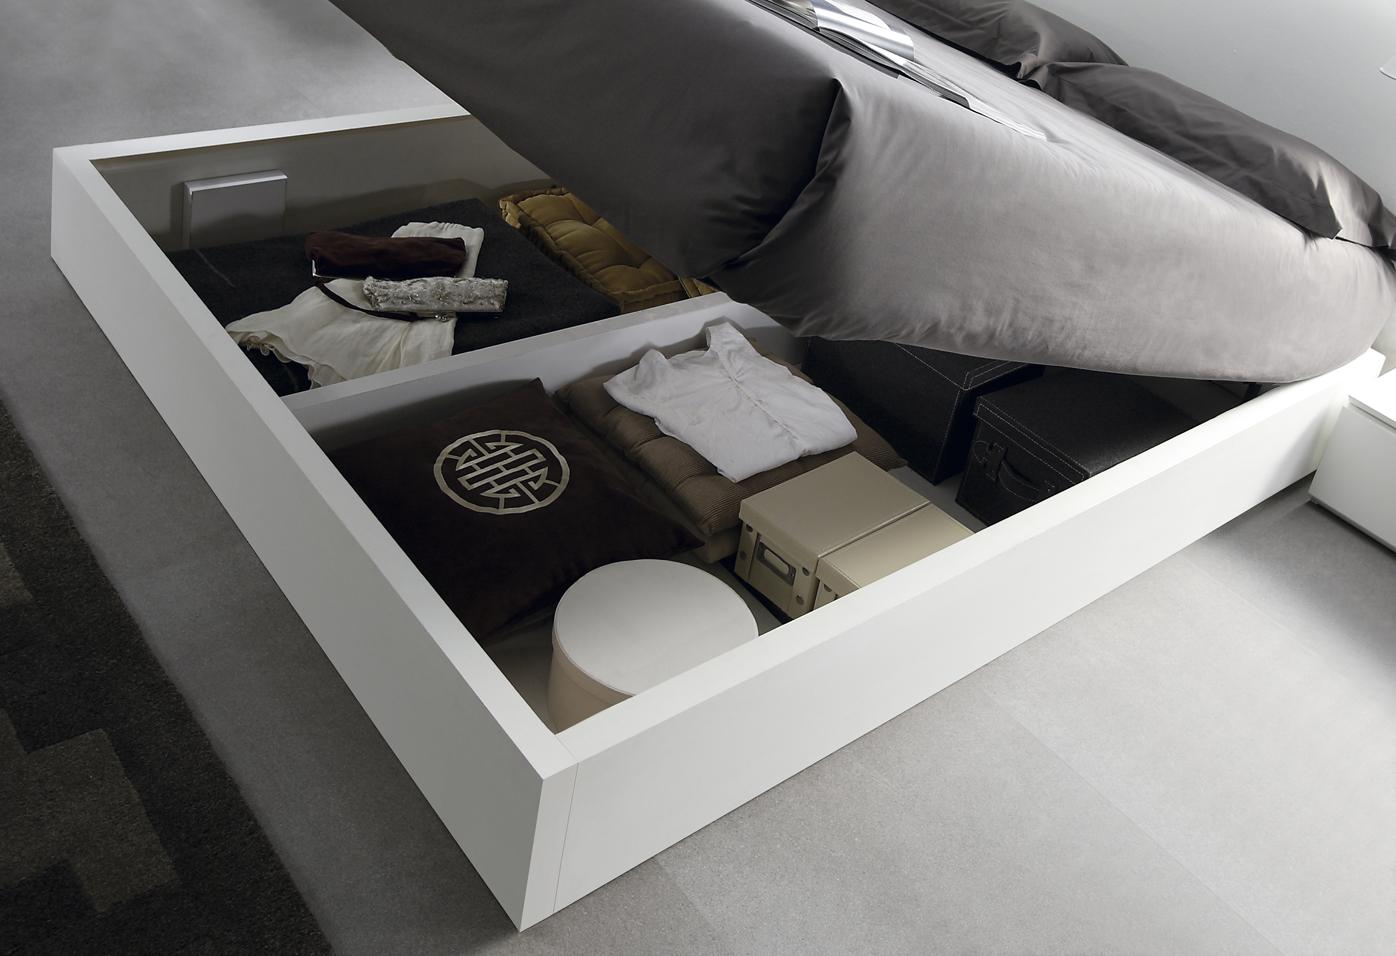 Camas abatibles optimiza espacio en tu habitaci n - Fabricante camas abatibles ...